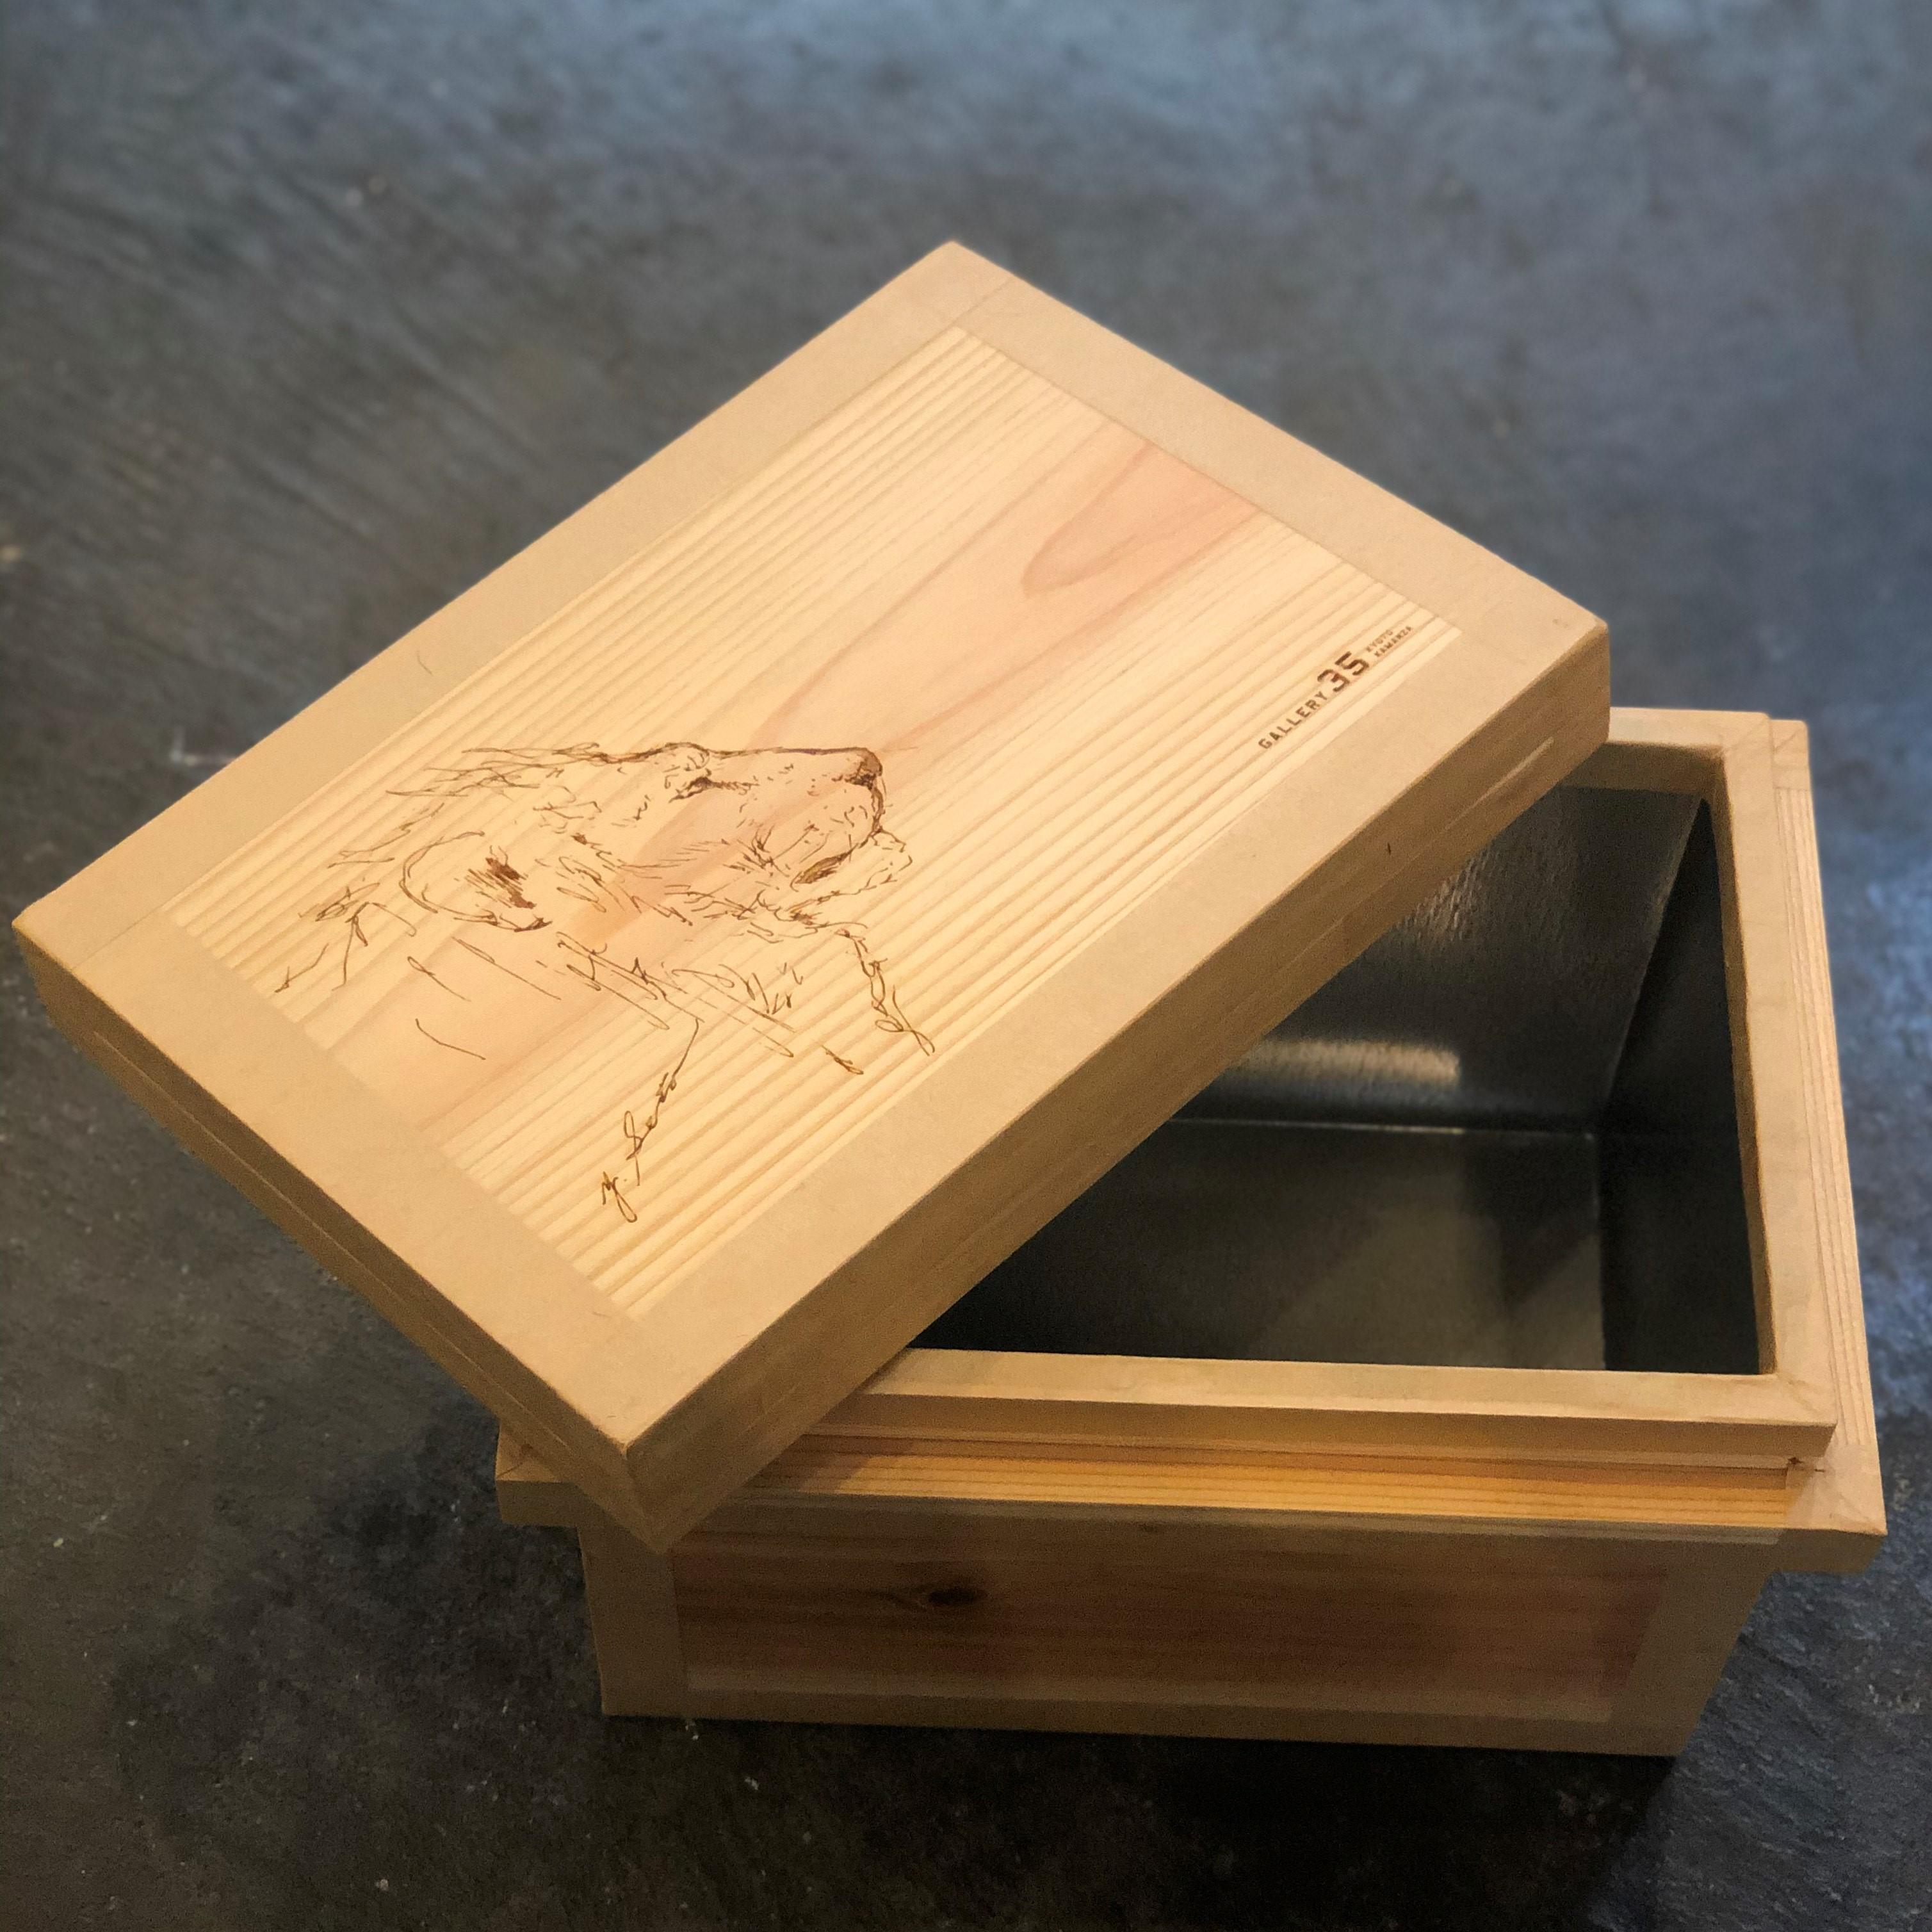 ライフスタイルにアートを取り入れてみる Vol.1《彫刻家×茶箱》